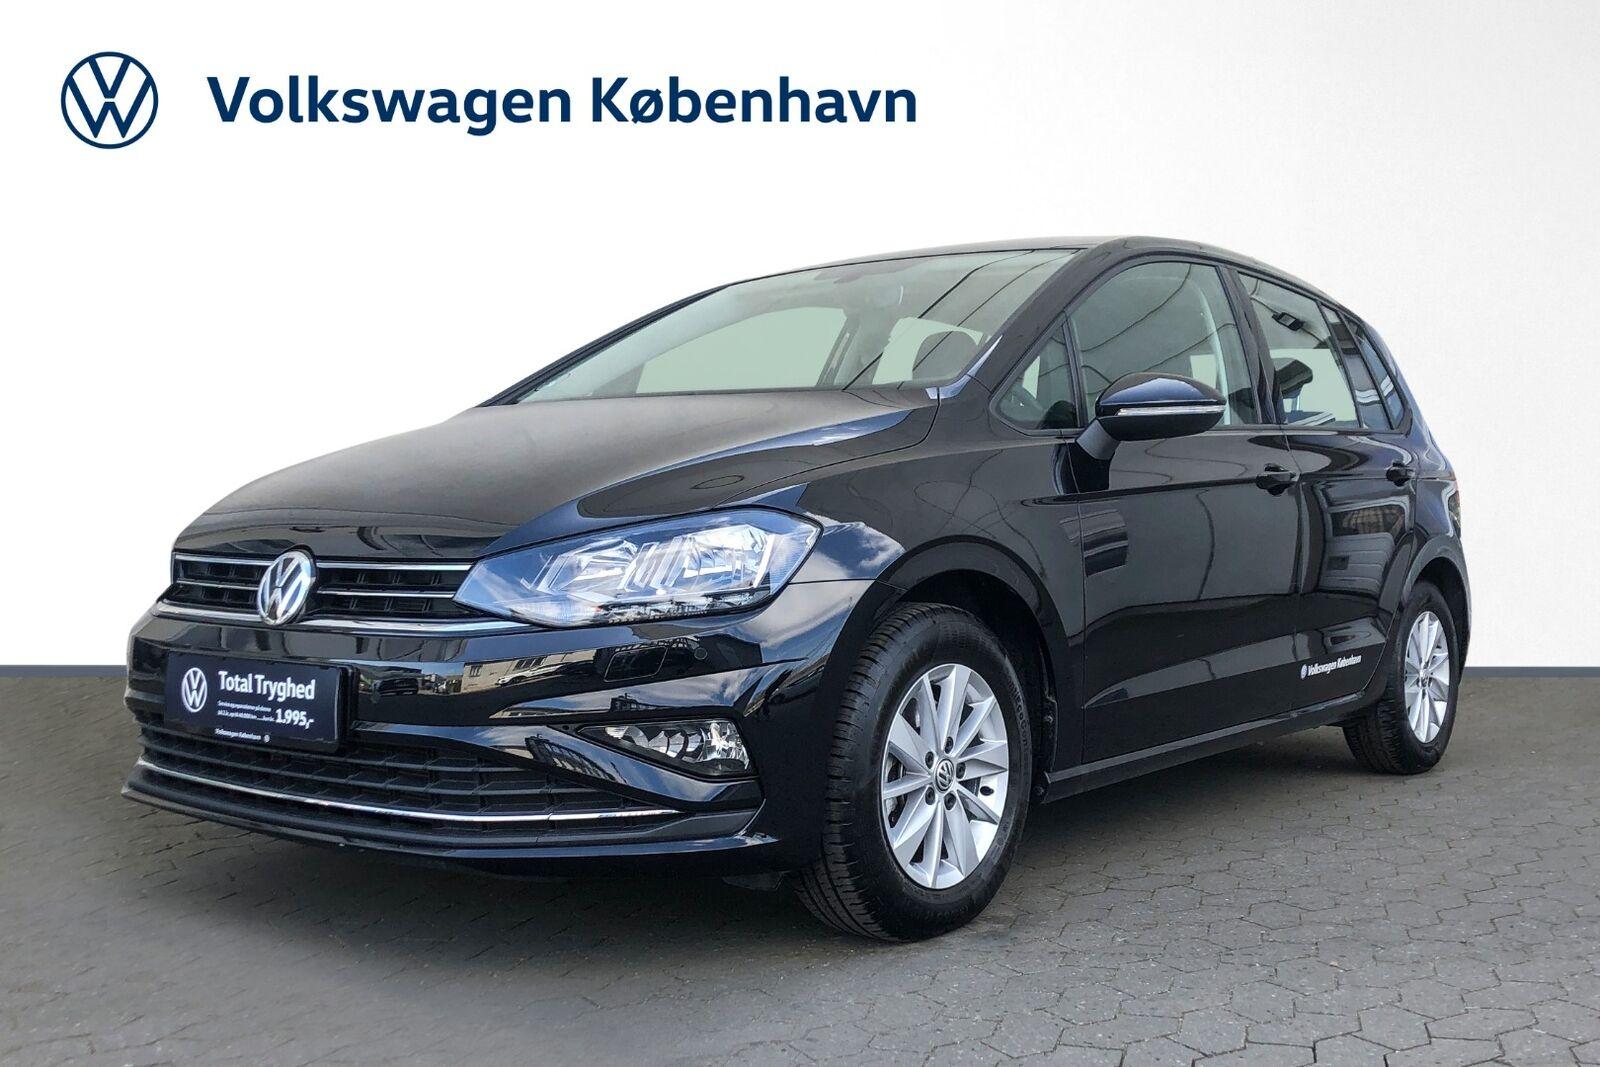 VW Golf Sportsvan 1,5 TSi 130 Comfortline DSG 5d - 279.900 kr.